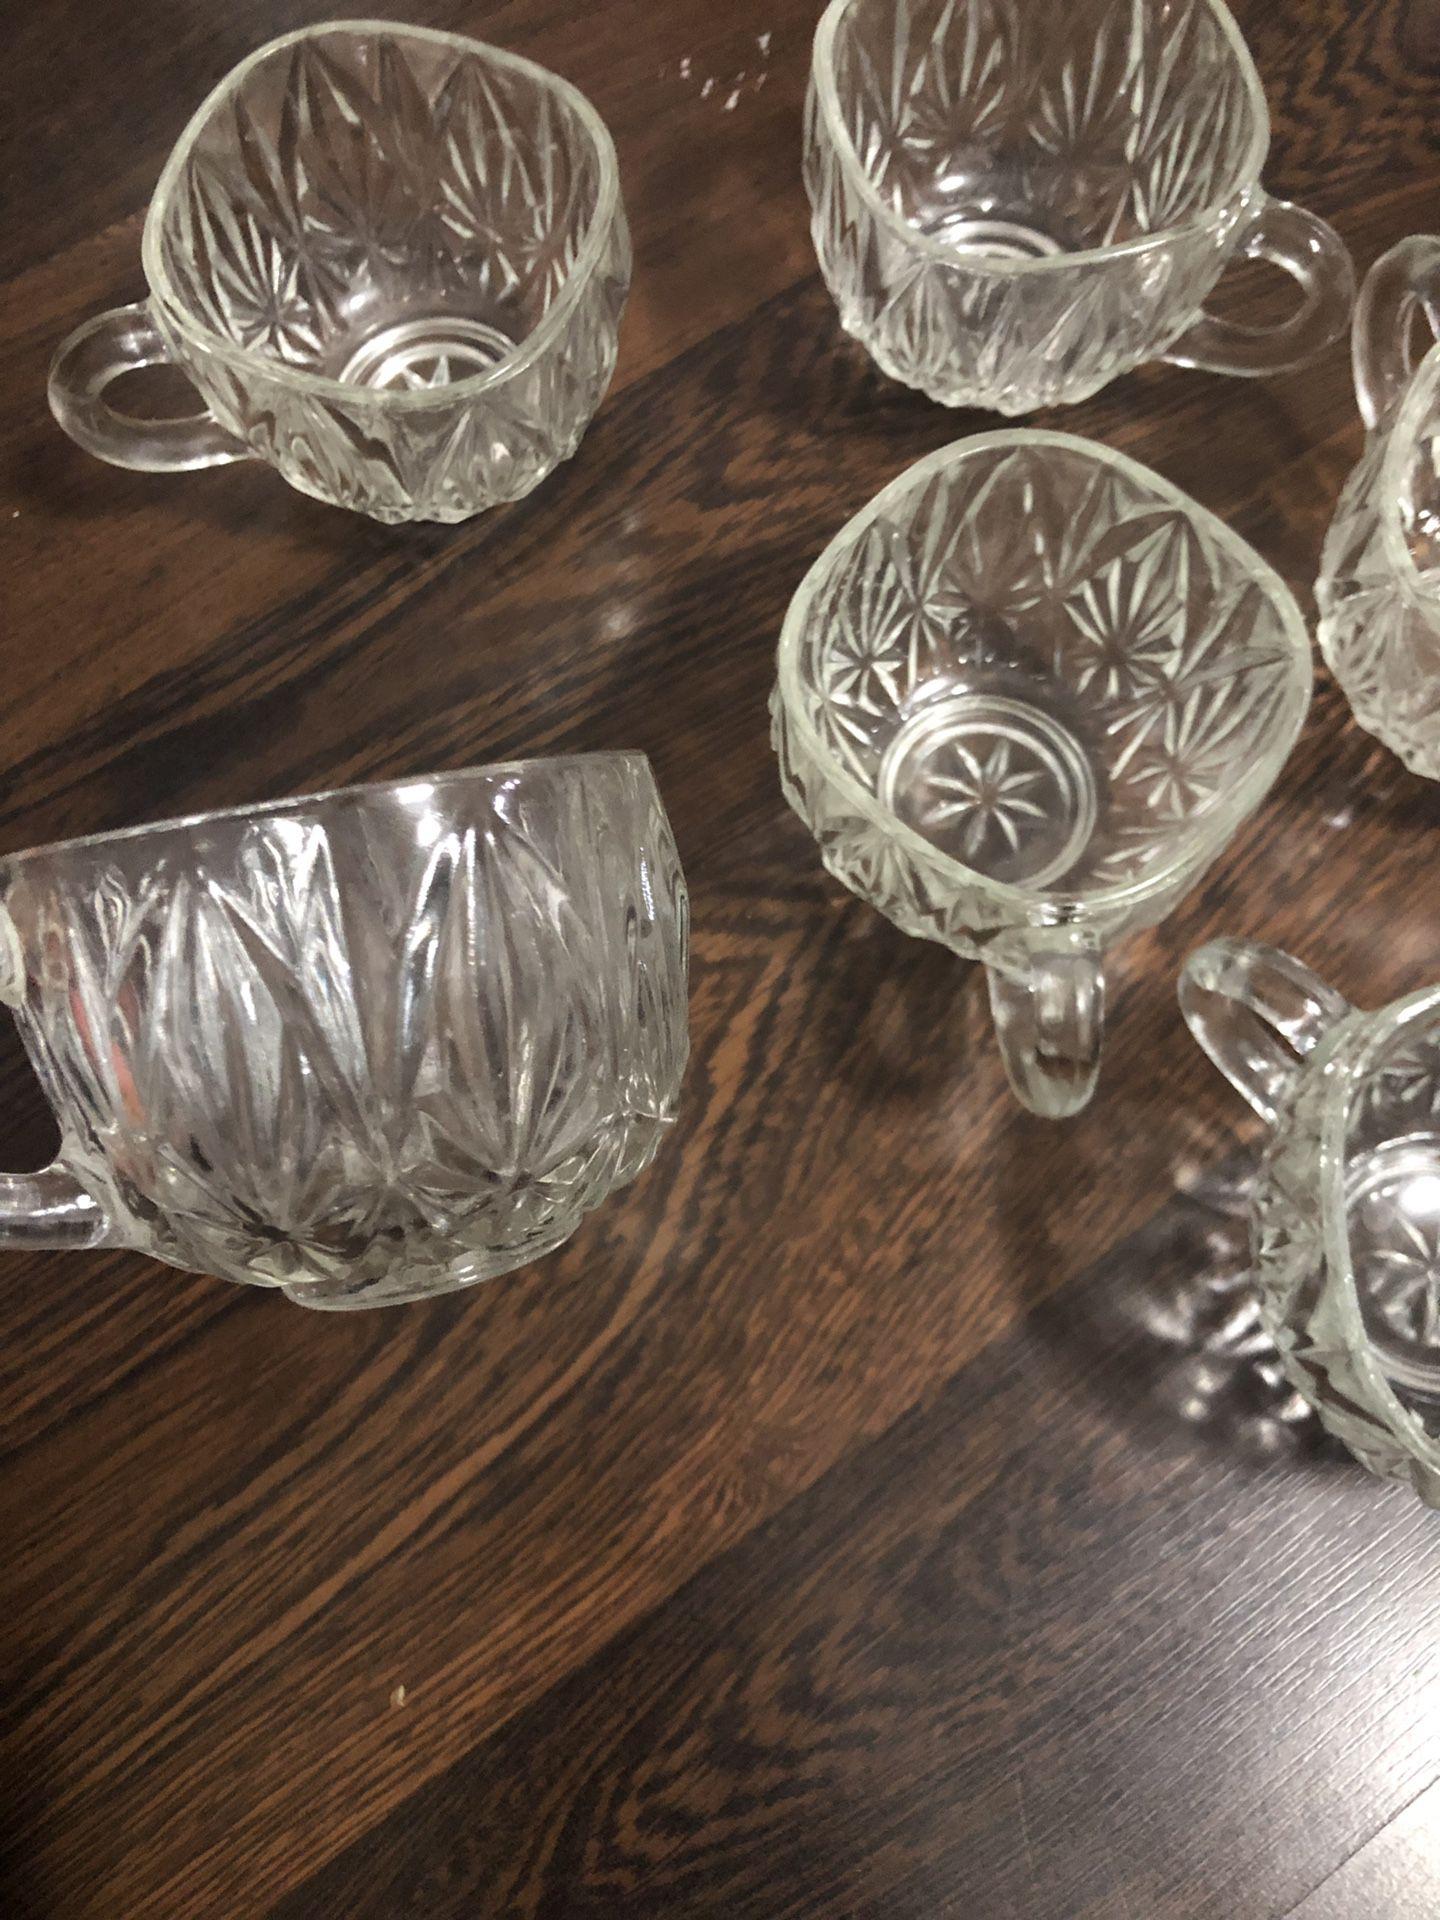 Cup 6 pieces